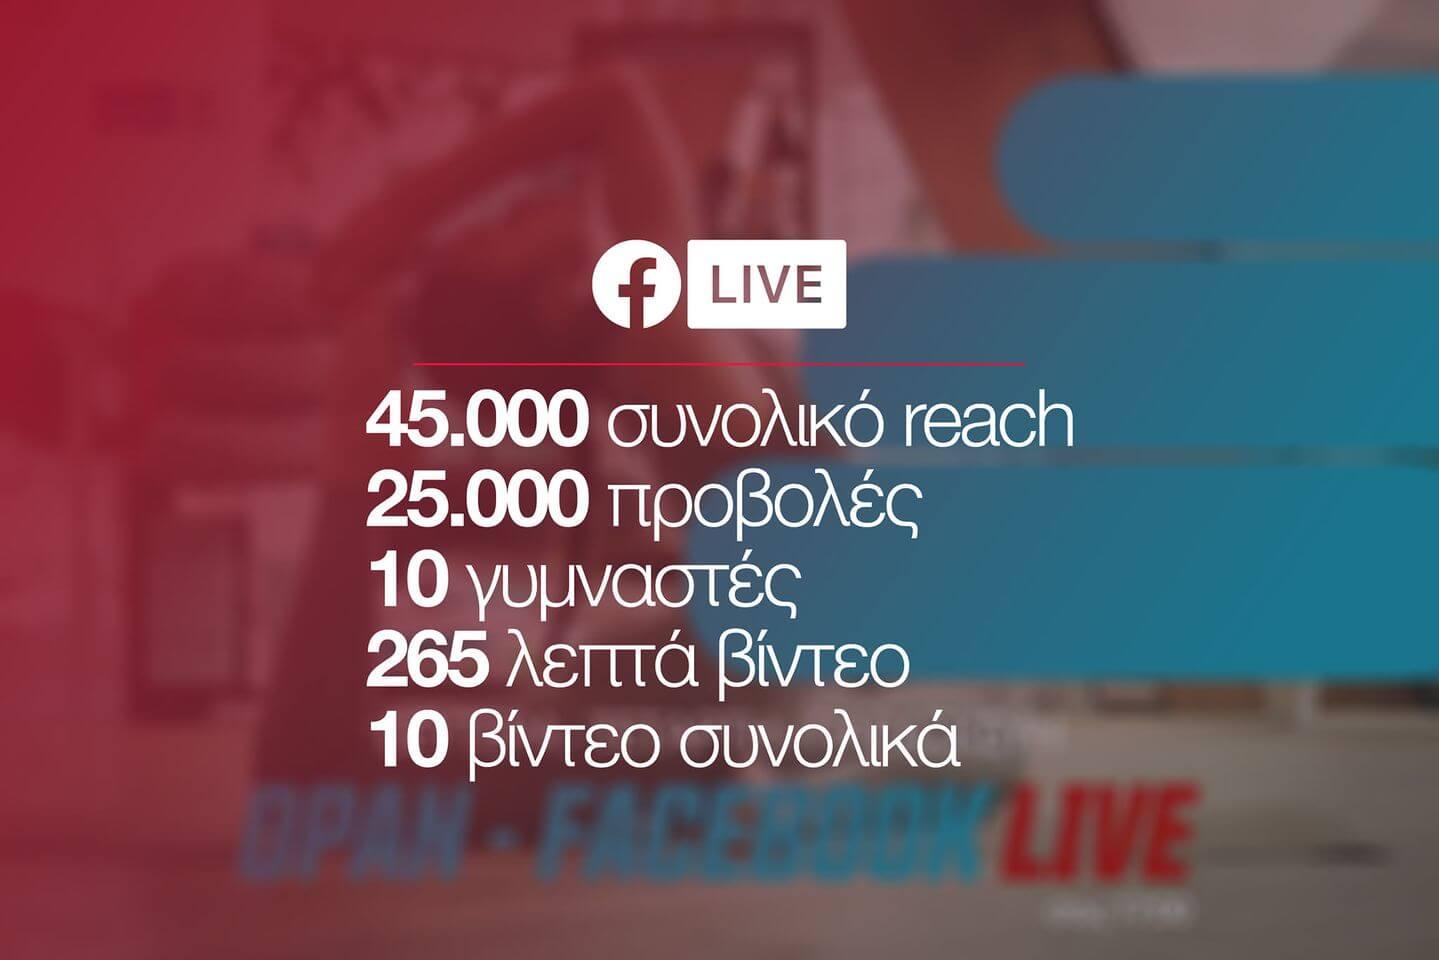 Δήμος Πειραιά : 45.000 θεατές παρακολούθησαν τα on line προγράμματα γυμναστικής